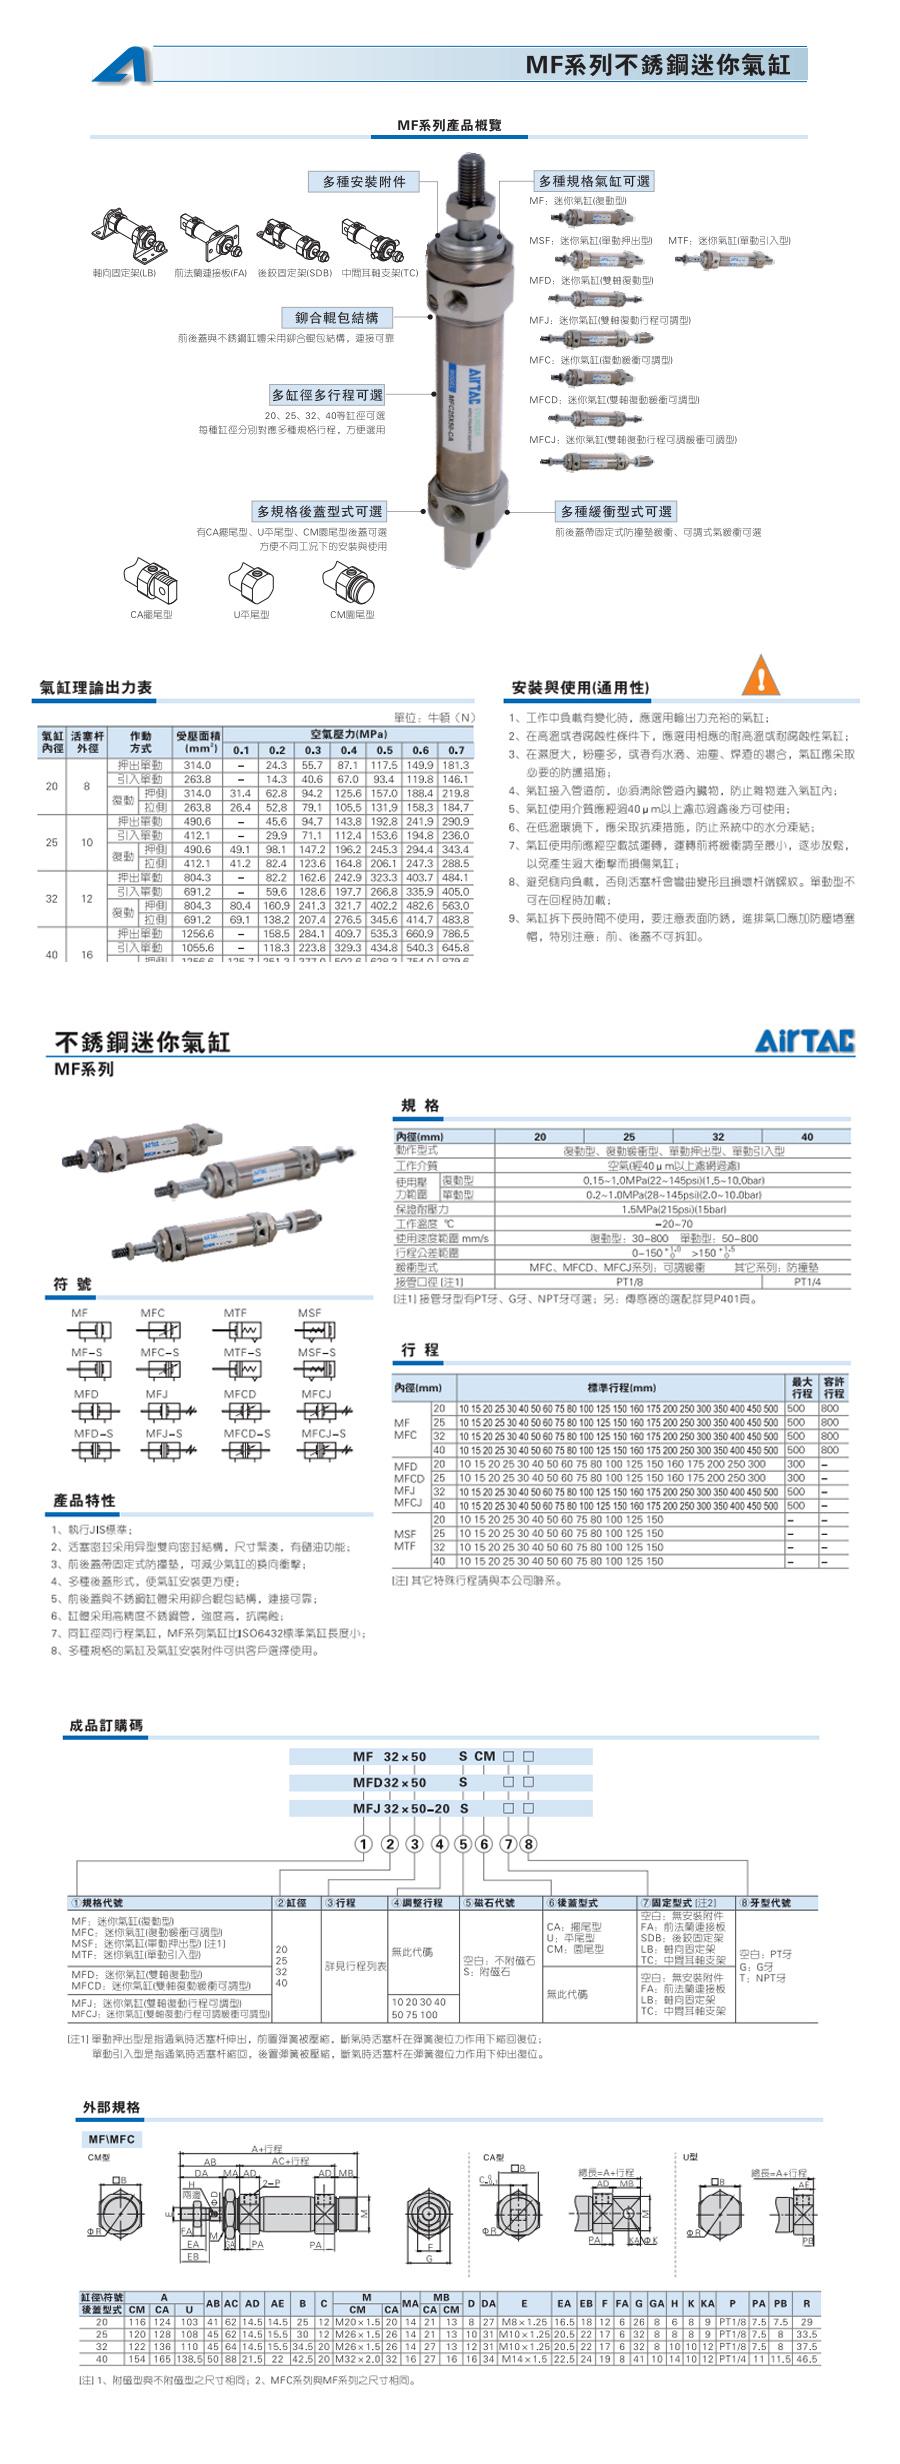 亚德客MFJ迷你气缸MFJ20X100T参数说明